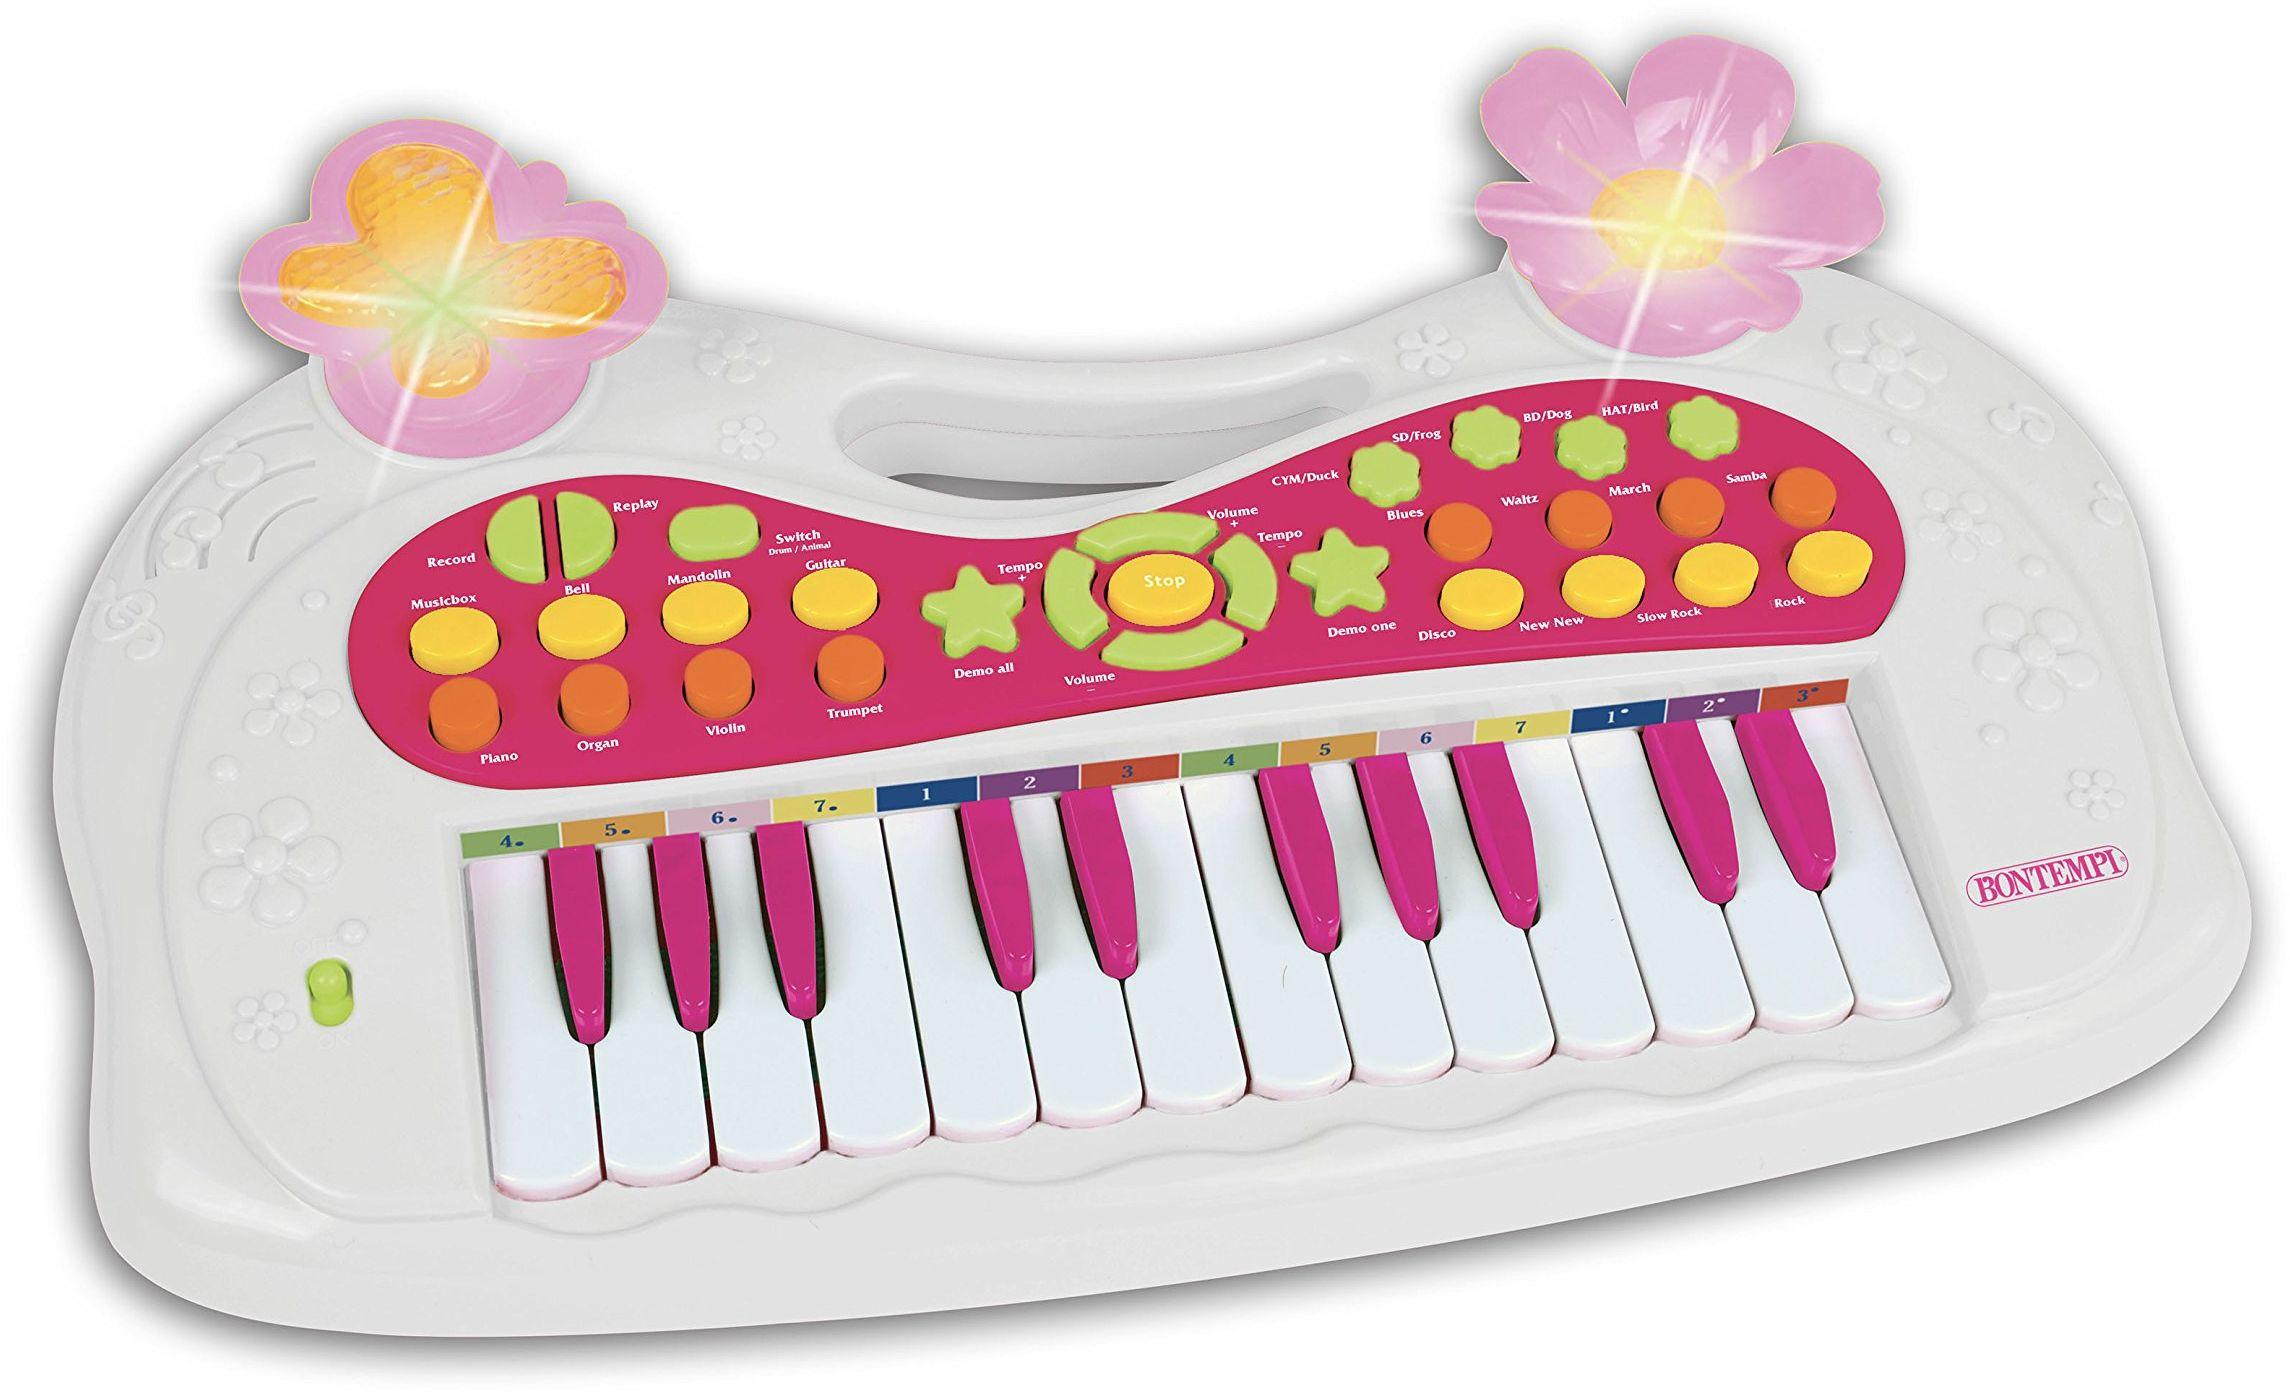 Bontempi Bontempi122771 24 klawisze klawiatura z 8 dźwiękami, 8 rytmami, 8 demosongów, wiele kolorów